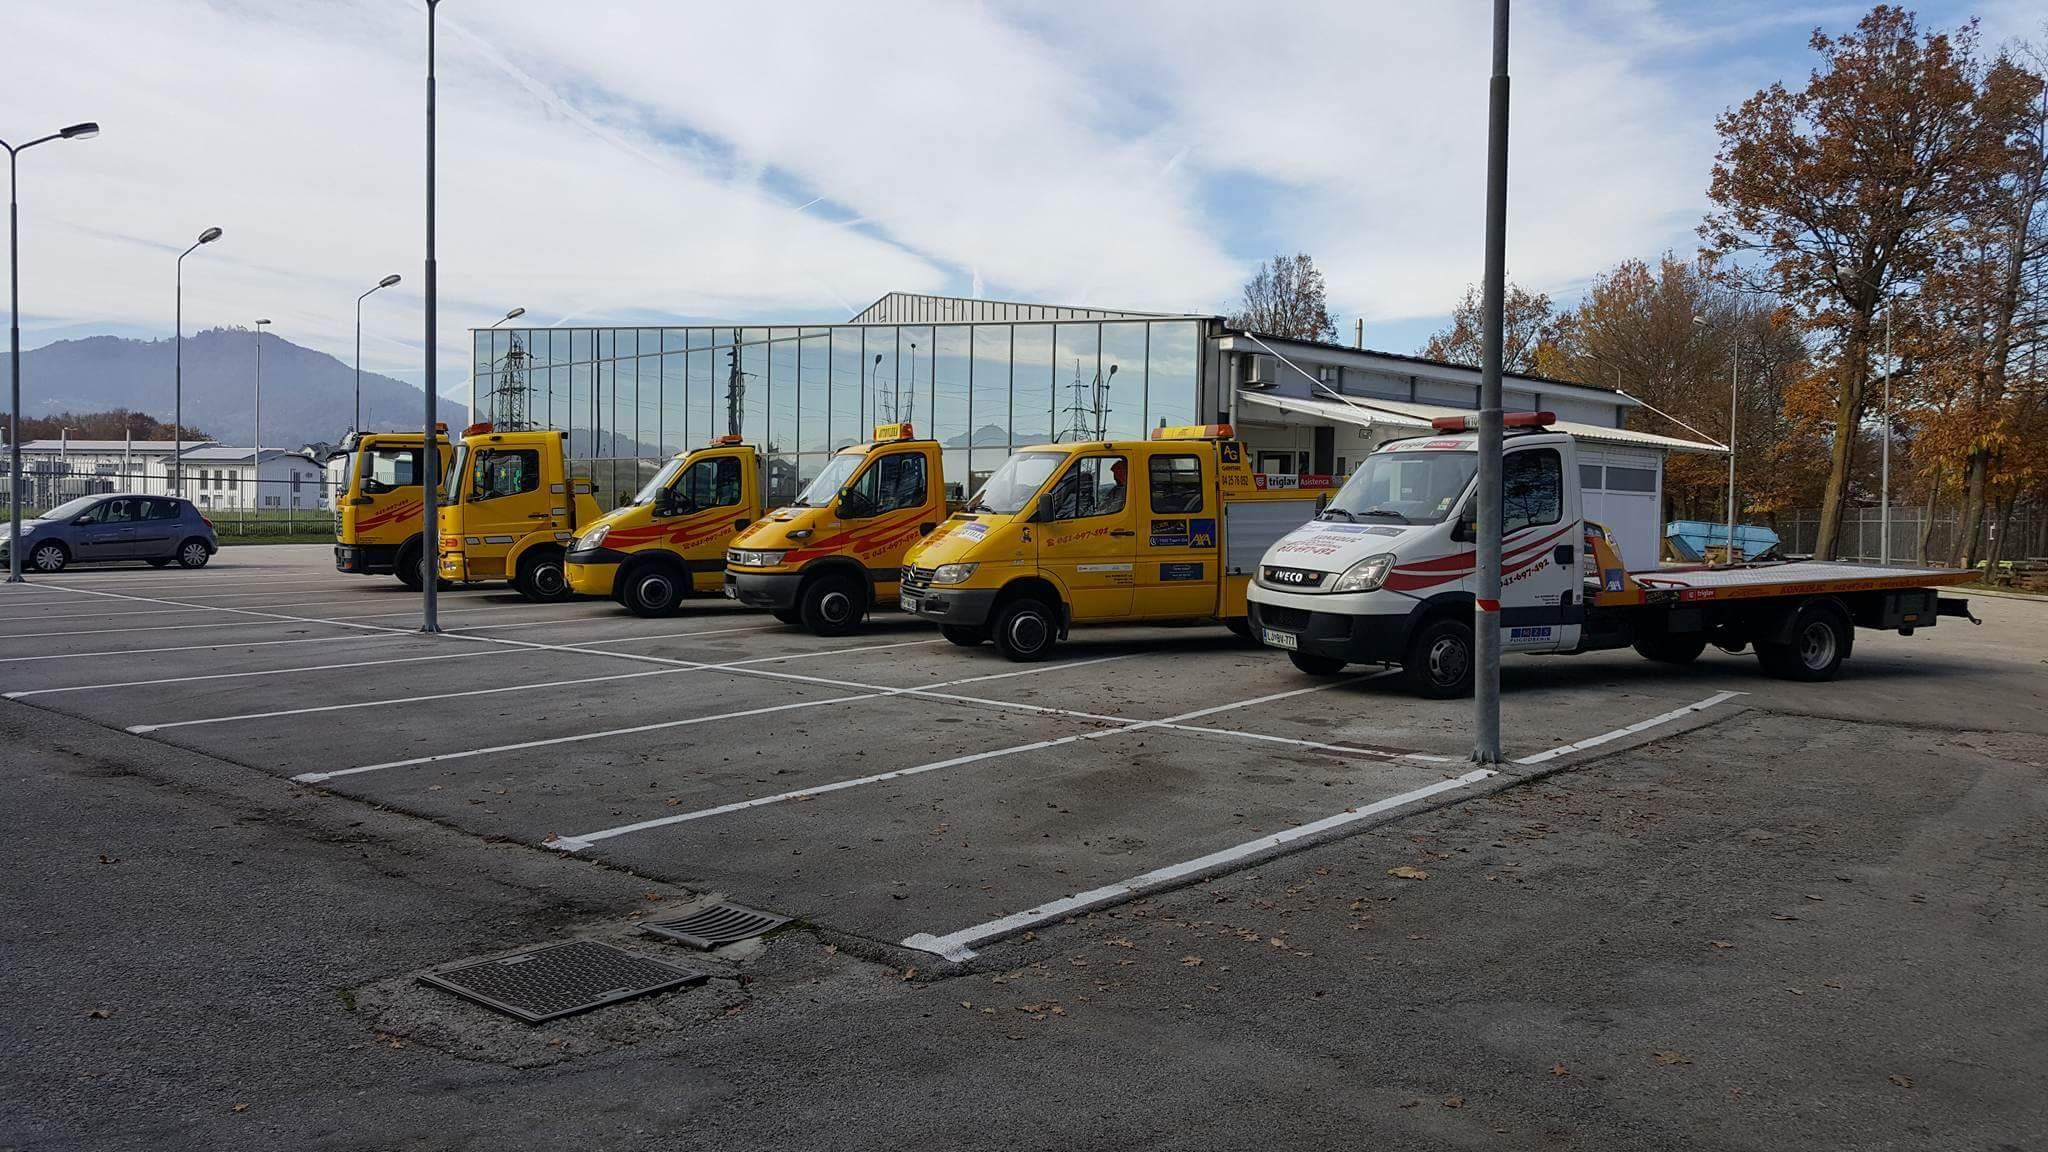 Avtovleka Kranj - Avtoasistenca Konkolič Kranj received_10206014330552461